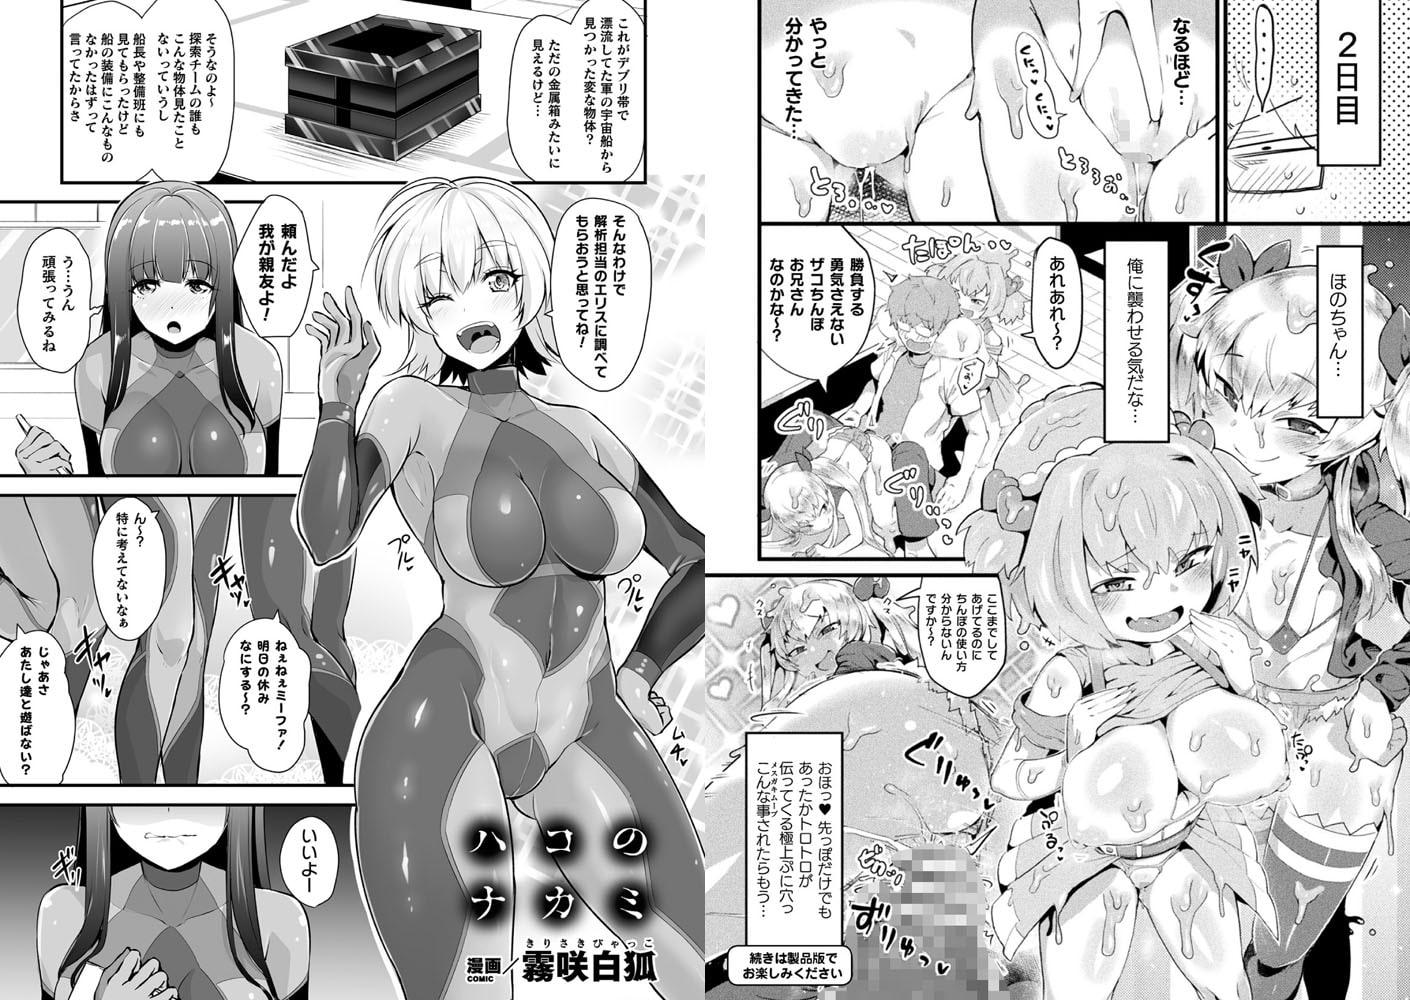 別冊コミックアンリアル 他者変身してなりすまし誘惑編デジタル版Vol.2